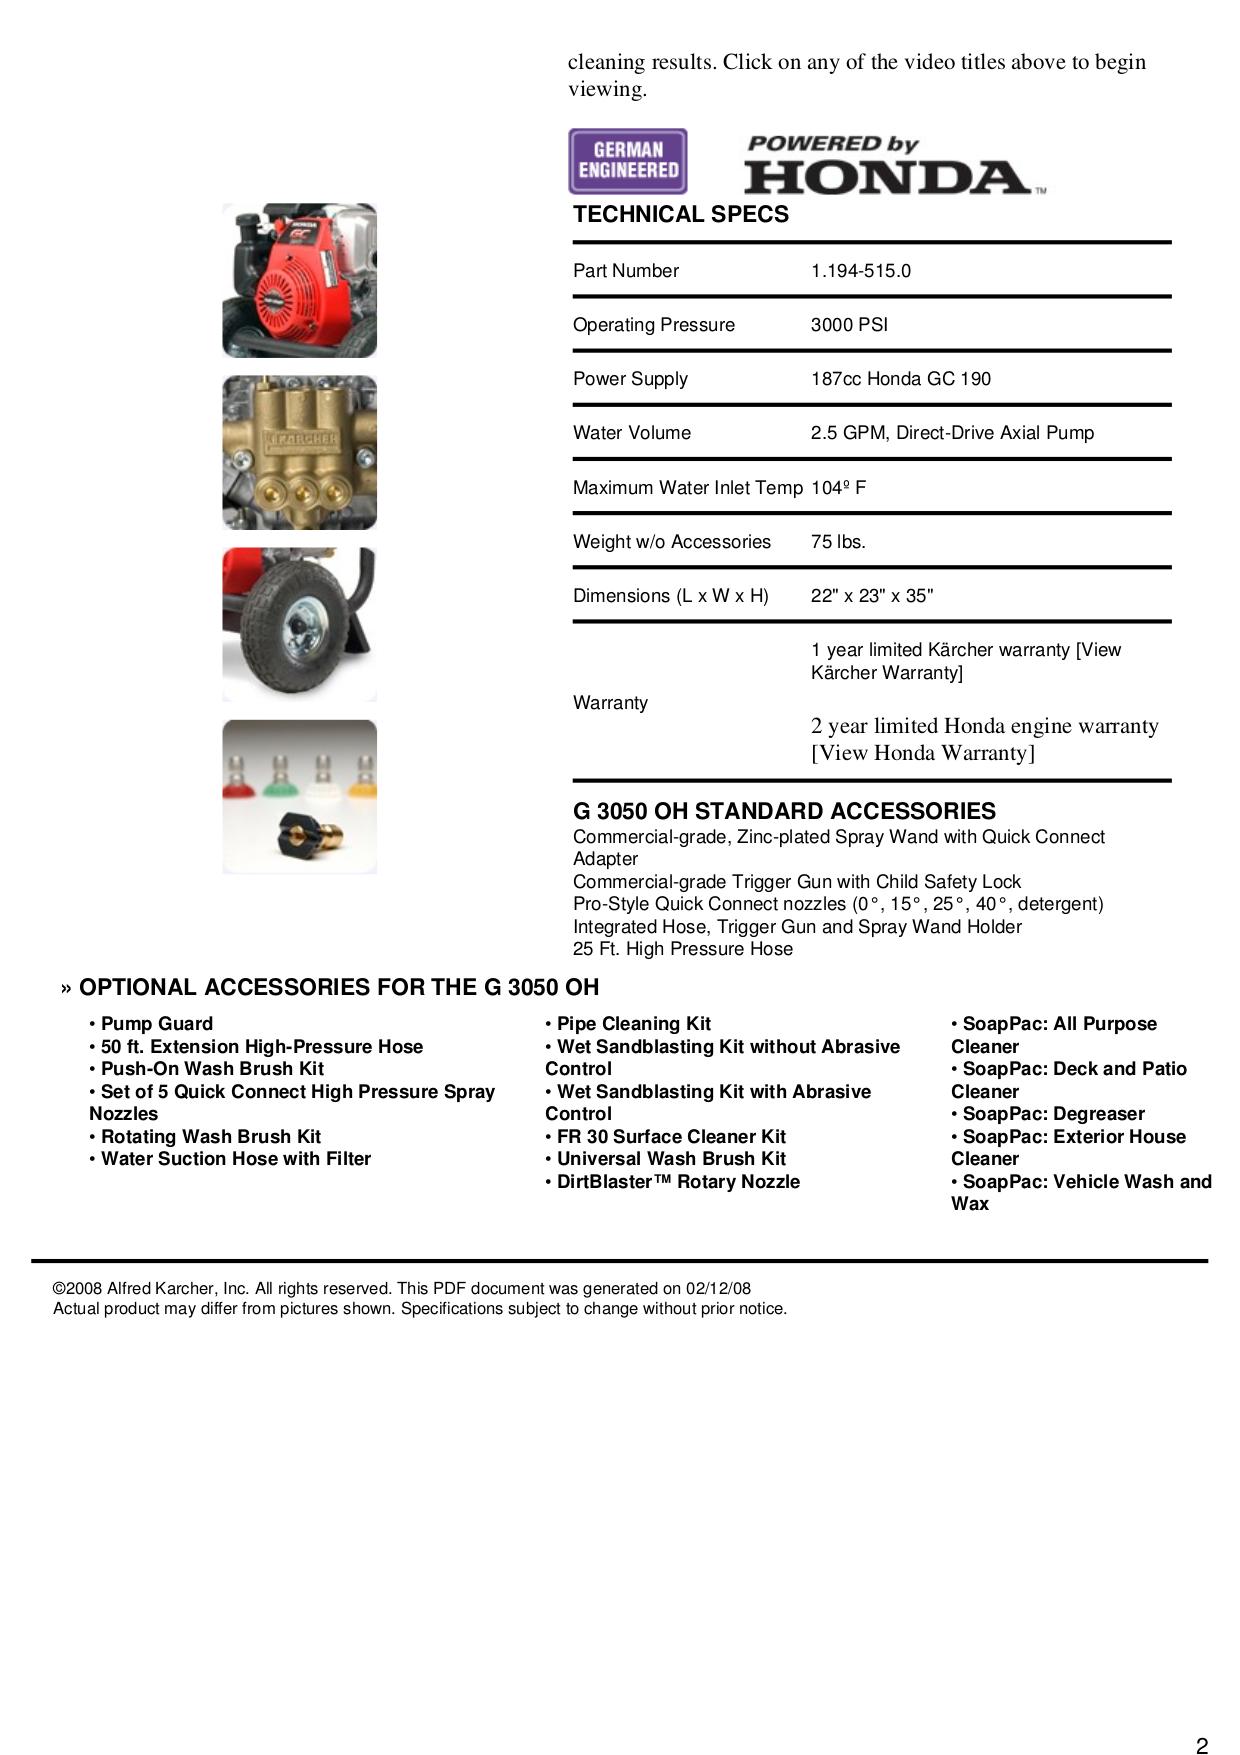 karcher g 3050 oh manual